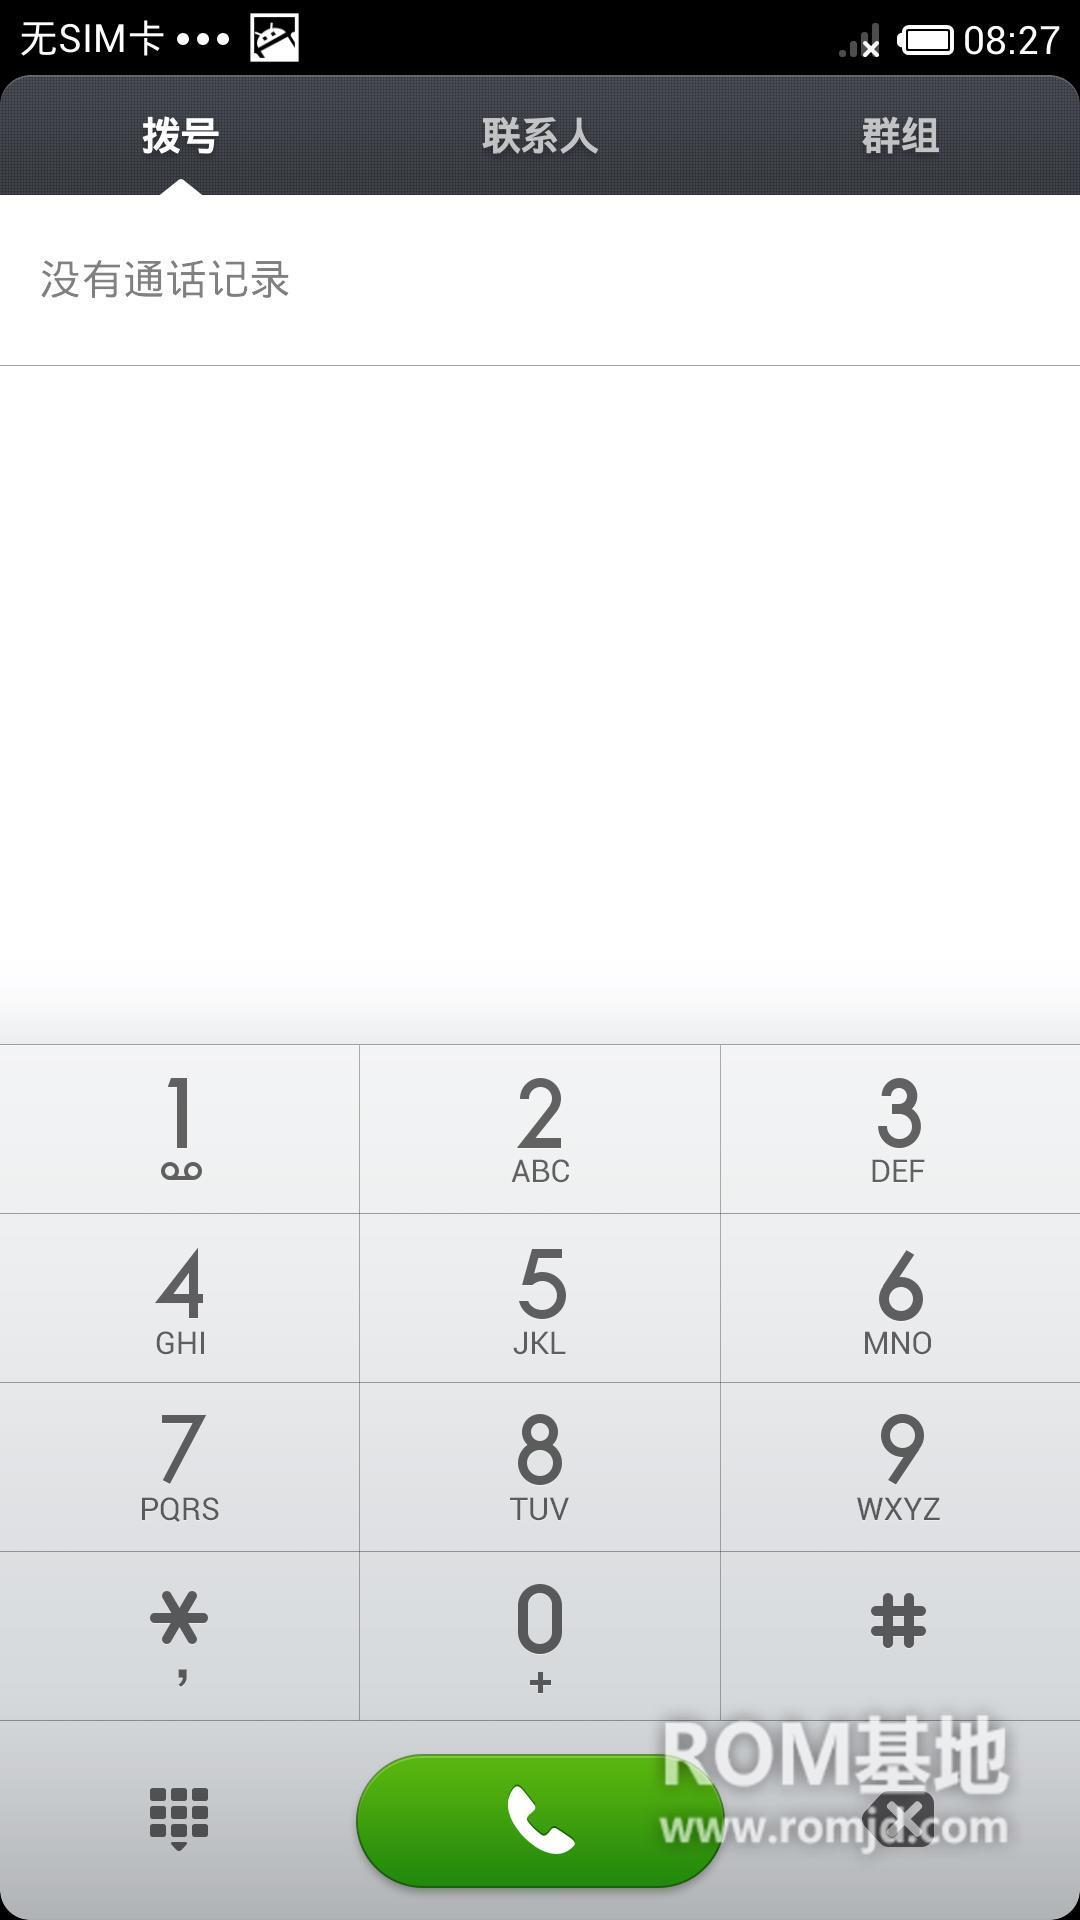 三星 N7108 (移动版Note2)刷机ROM 第三方开发 MIUI V5 4.2.21 开发版ROM刷机包截图